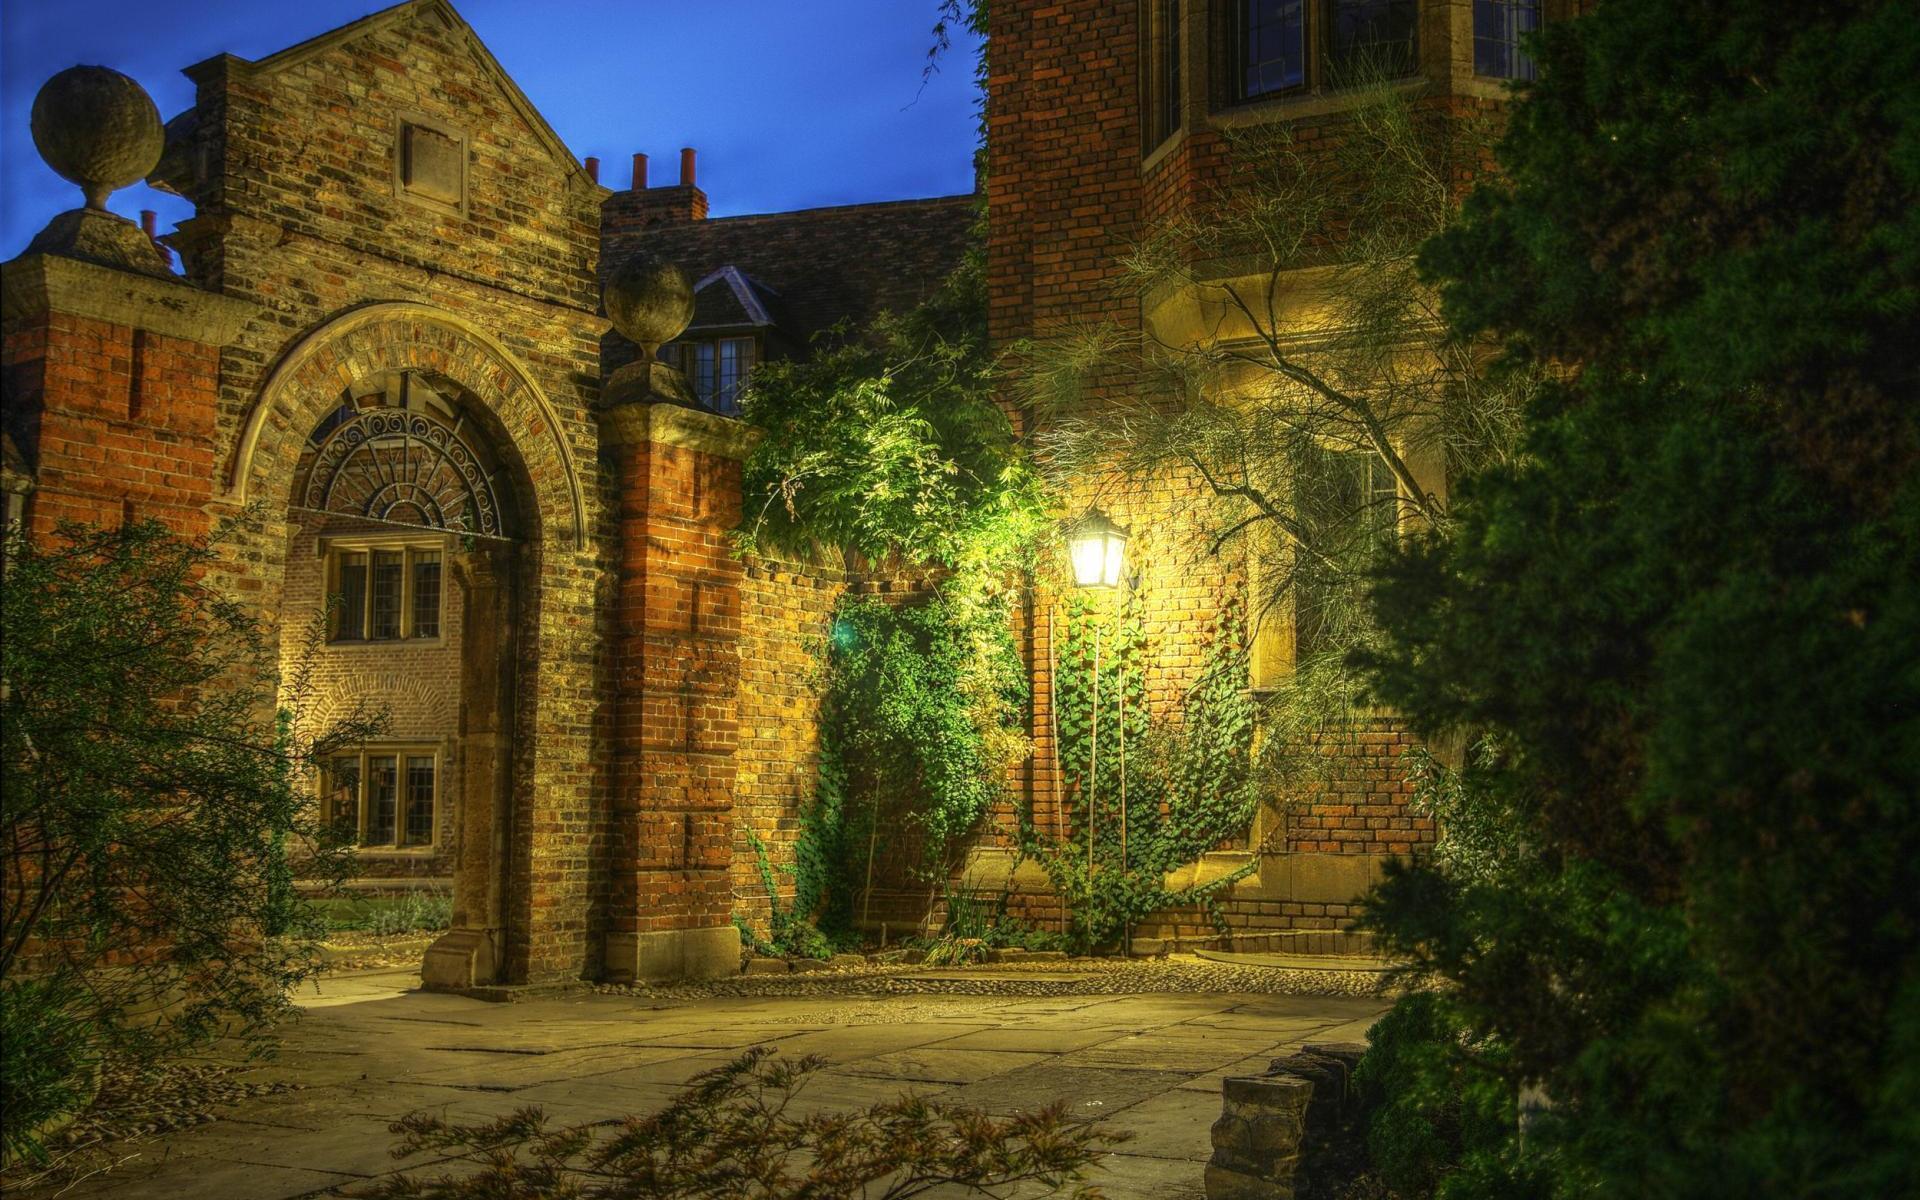 кирпичные дома фонарь небо деревья скачать